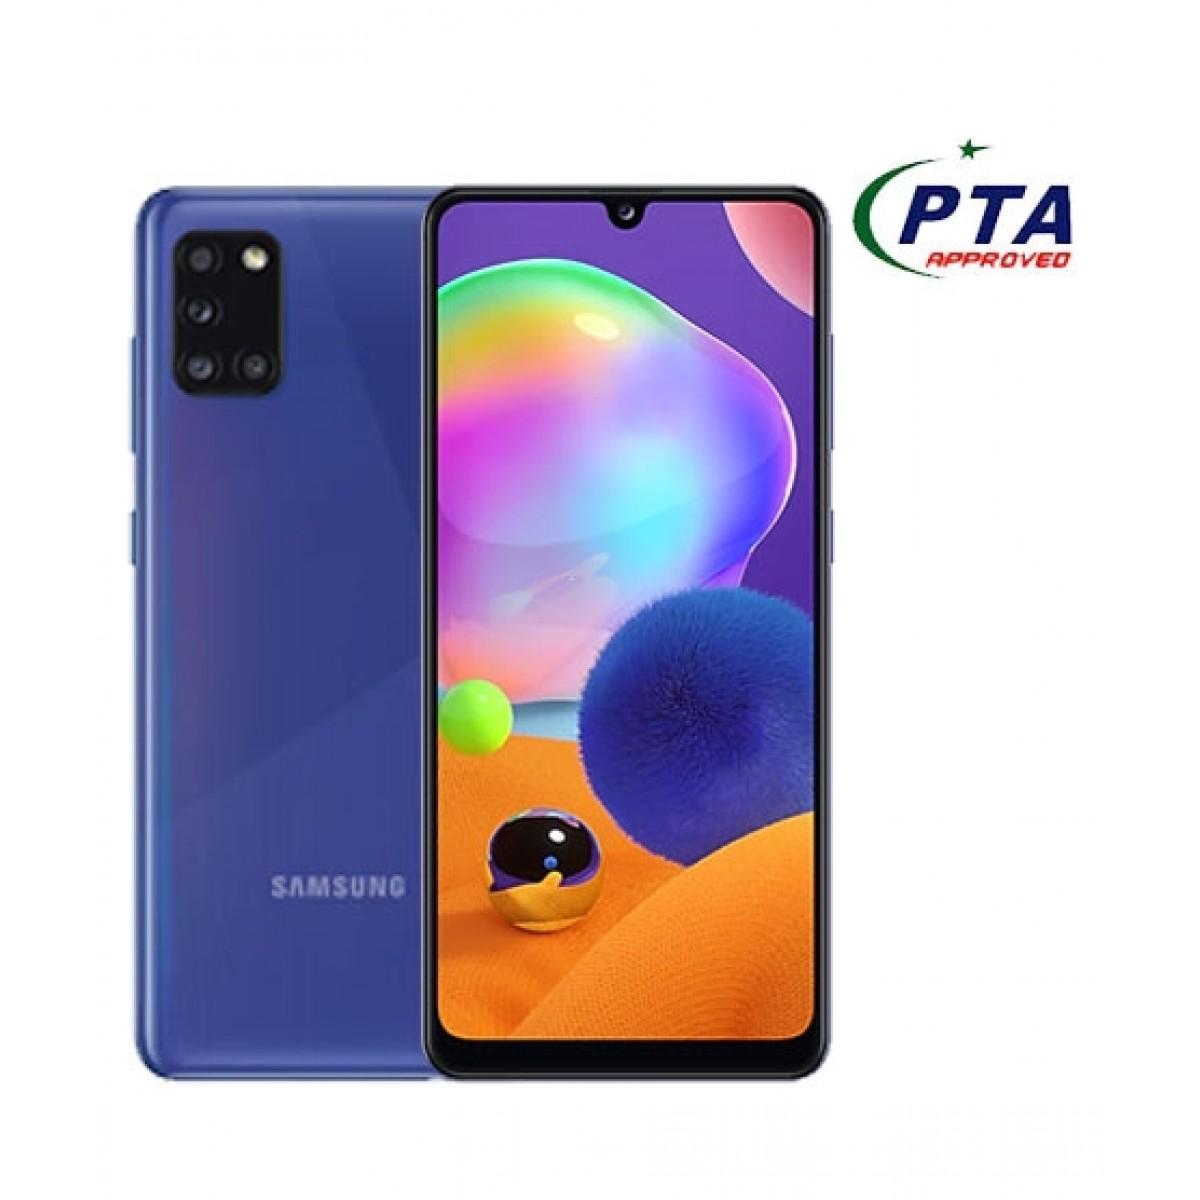 Samsung Galaxy A31 128GB 4GB RAM Dual SIM Prism Crush Blue